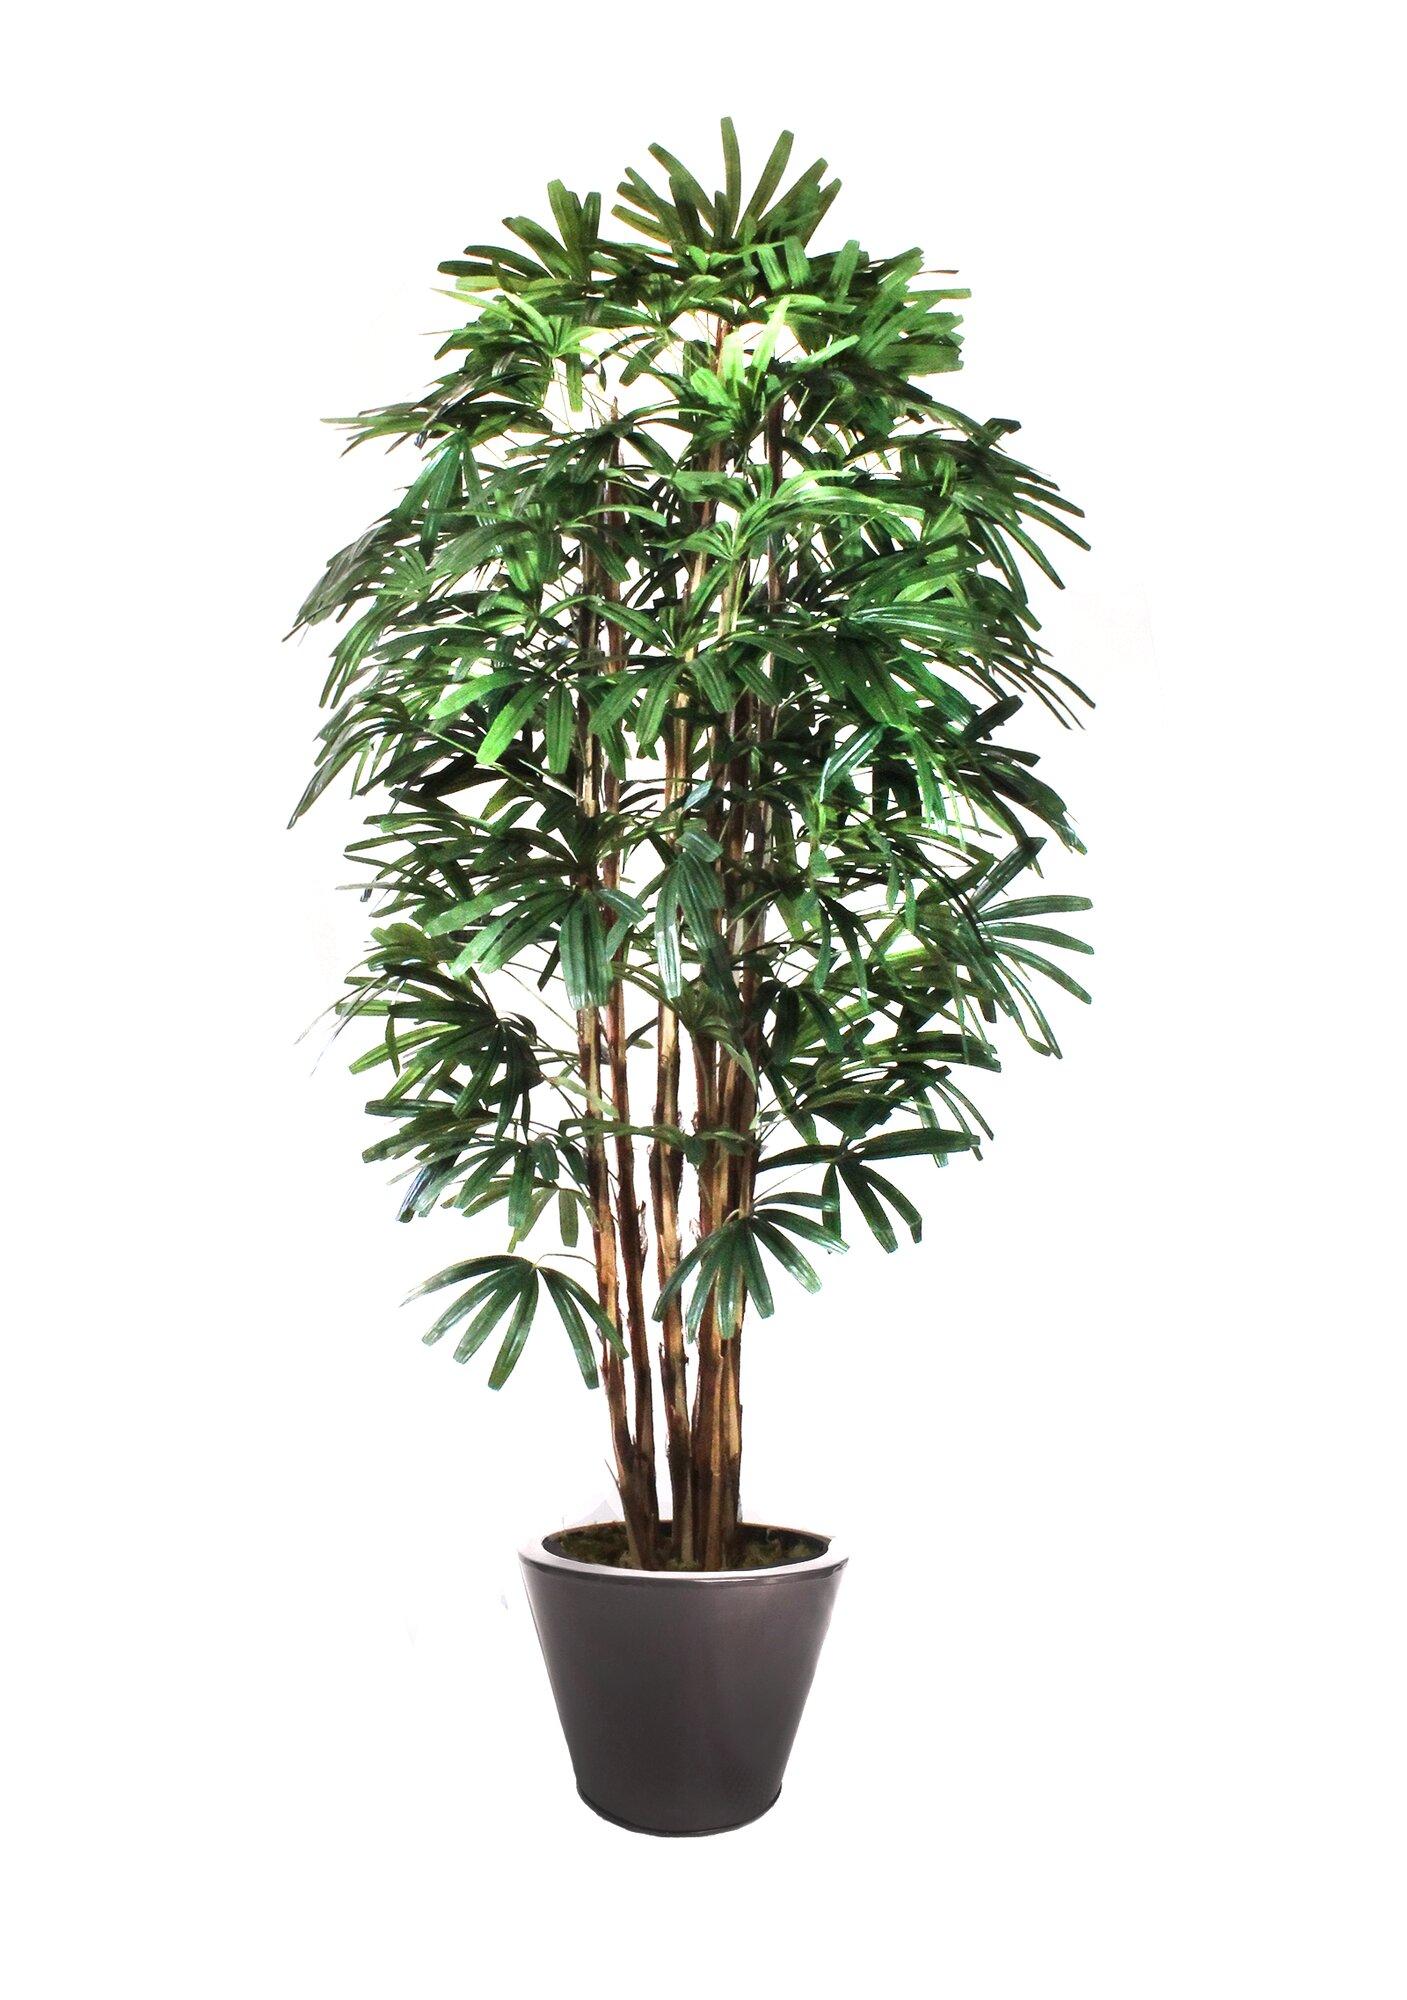 Dalmarko Designs Rhapis Palm Tree In Planter